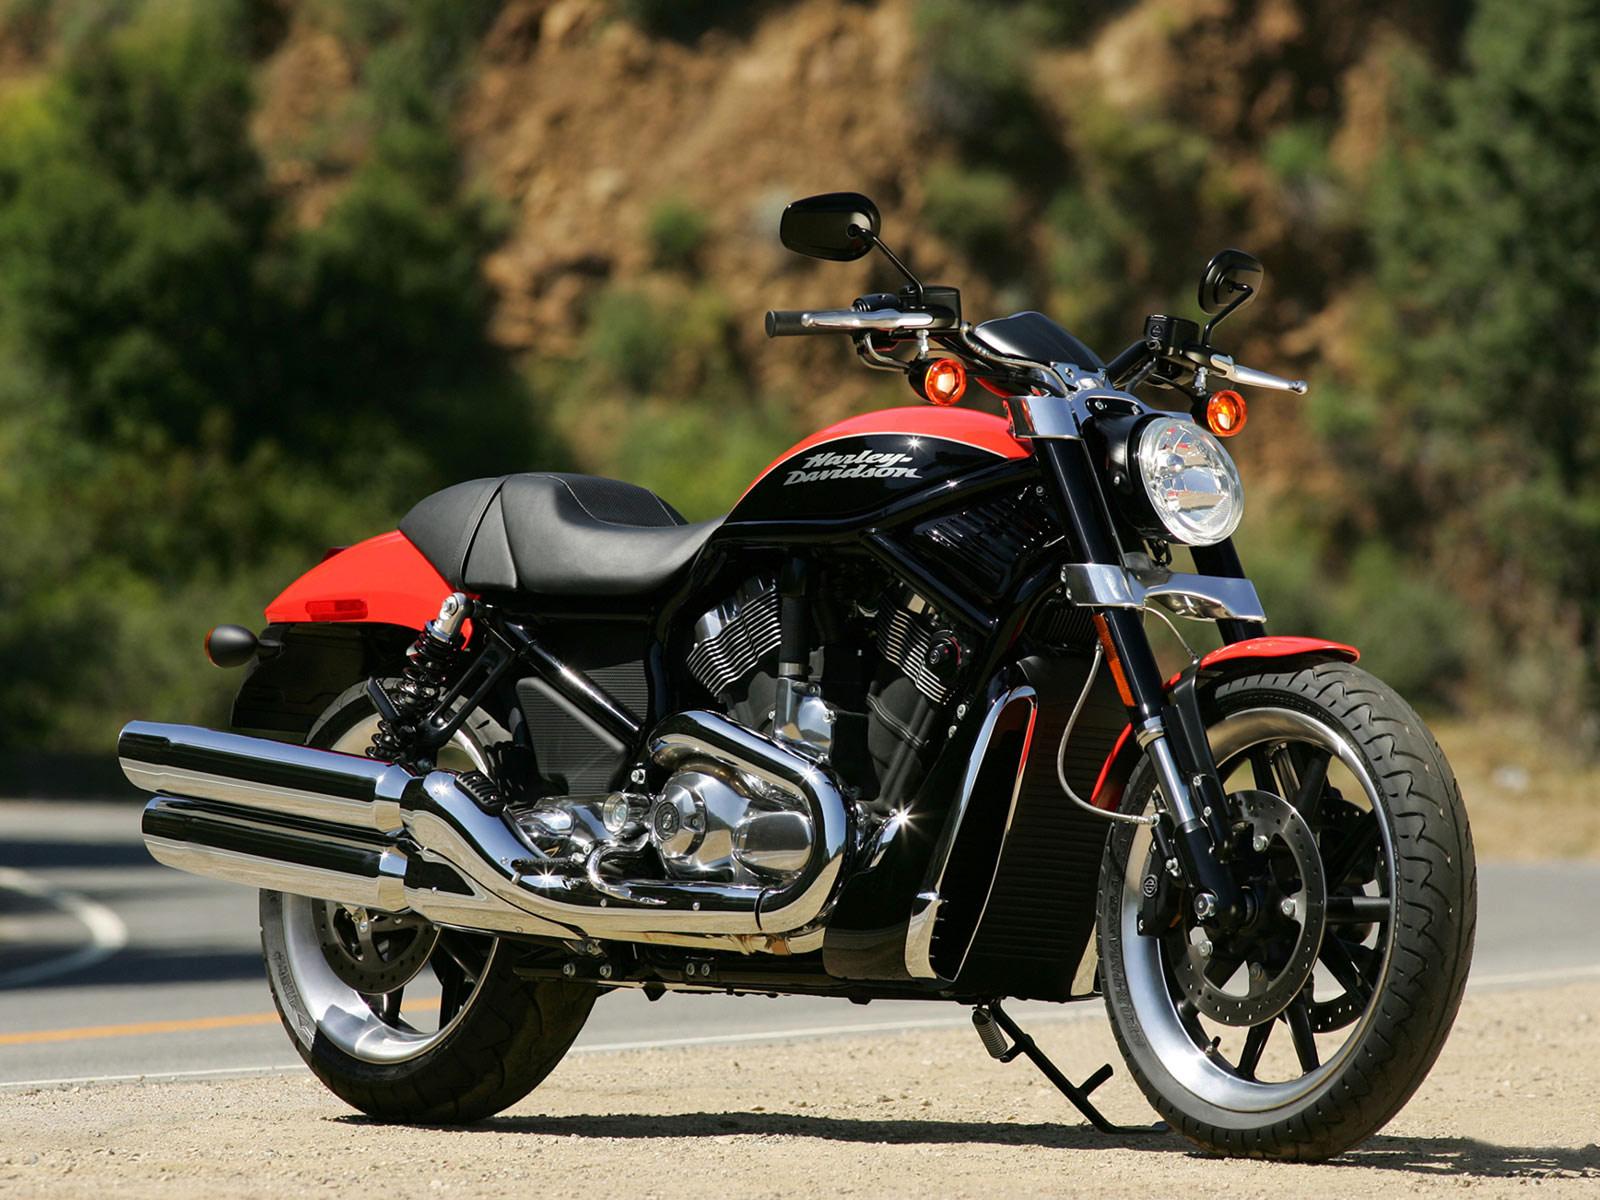 2007 VRSCR Street Rod Harley-davidson Pictures